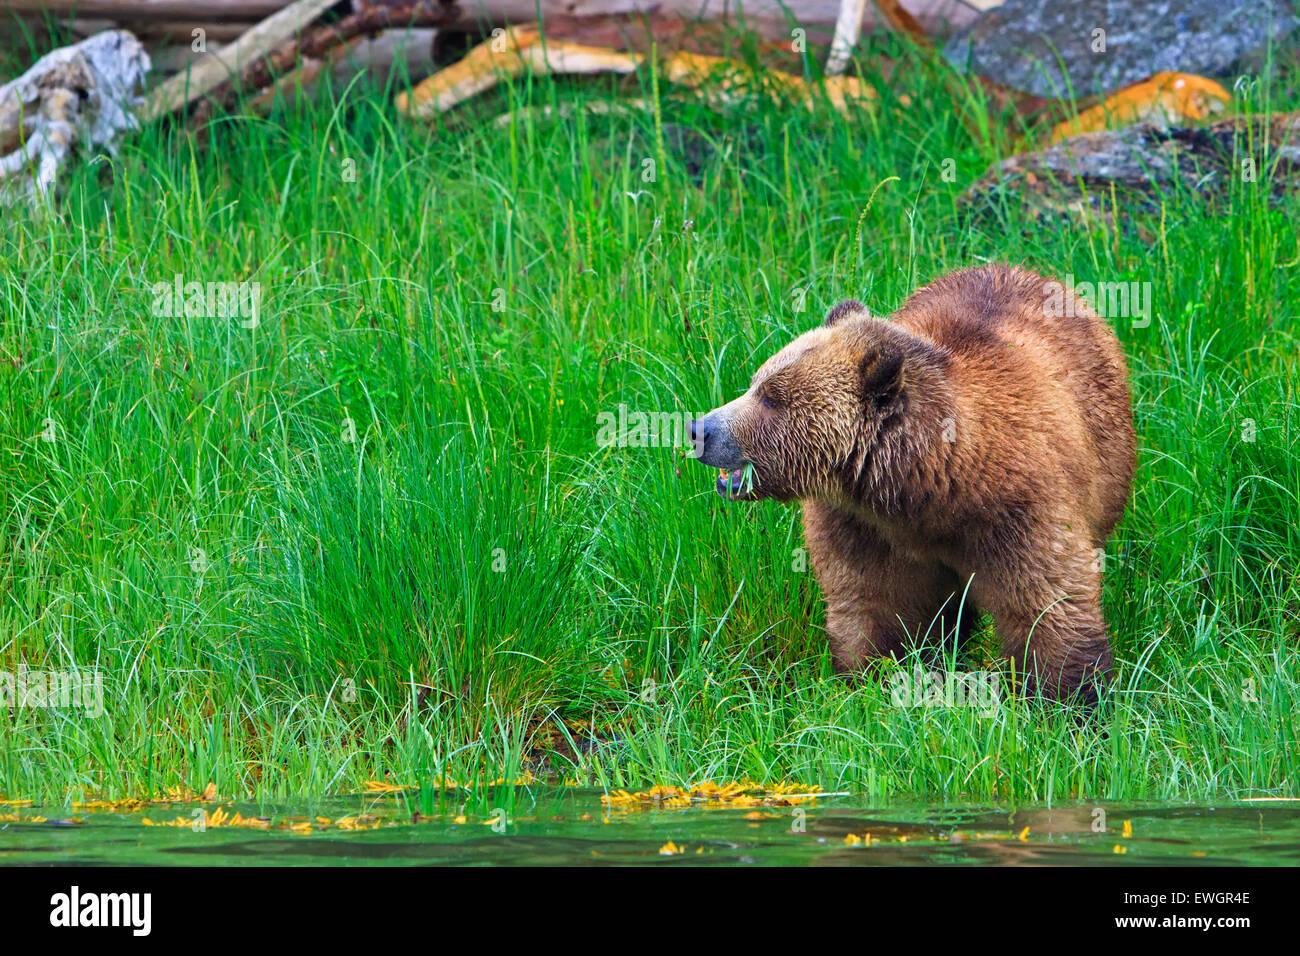 Weibliche Küsten Grizzlybär Nahrungssuche bei Ebbe auf dem Festland British Columbia in Kanada Stockbild